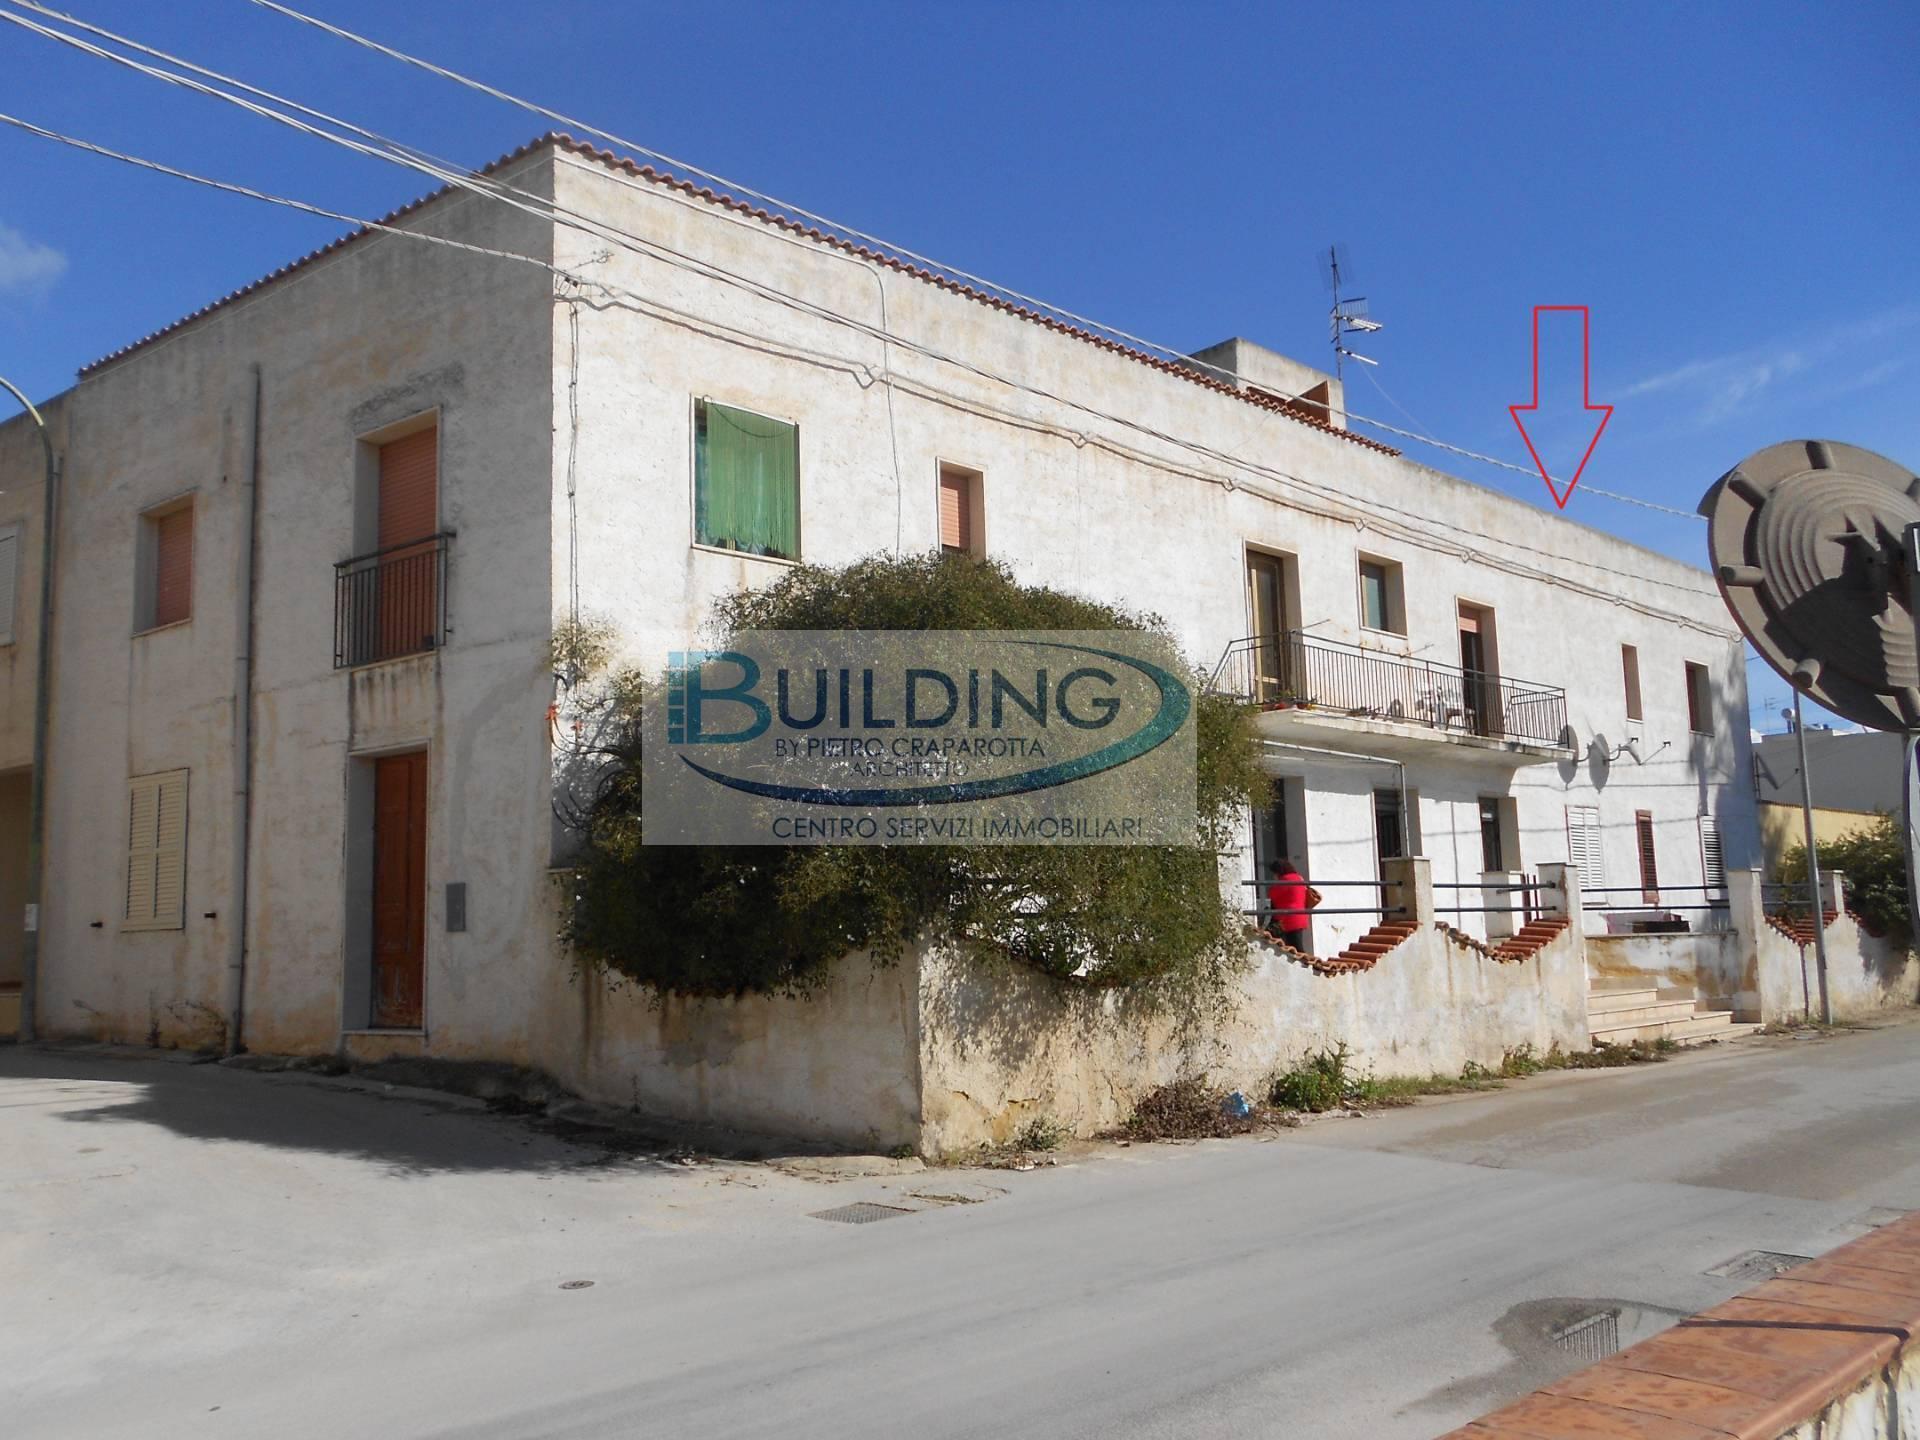 Appartamento in vendita a Castelvetrano, 5 locali, zona Località: MarinelladiSelinunte, prezzo € 70.000 | PortaleAgenzieImmobiliari.it